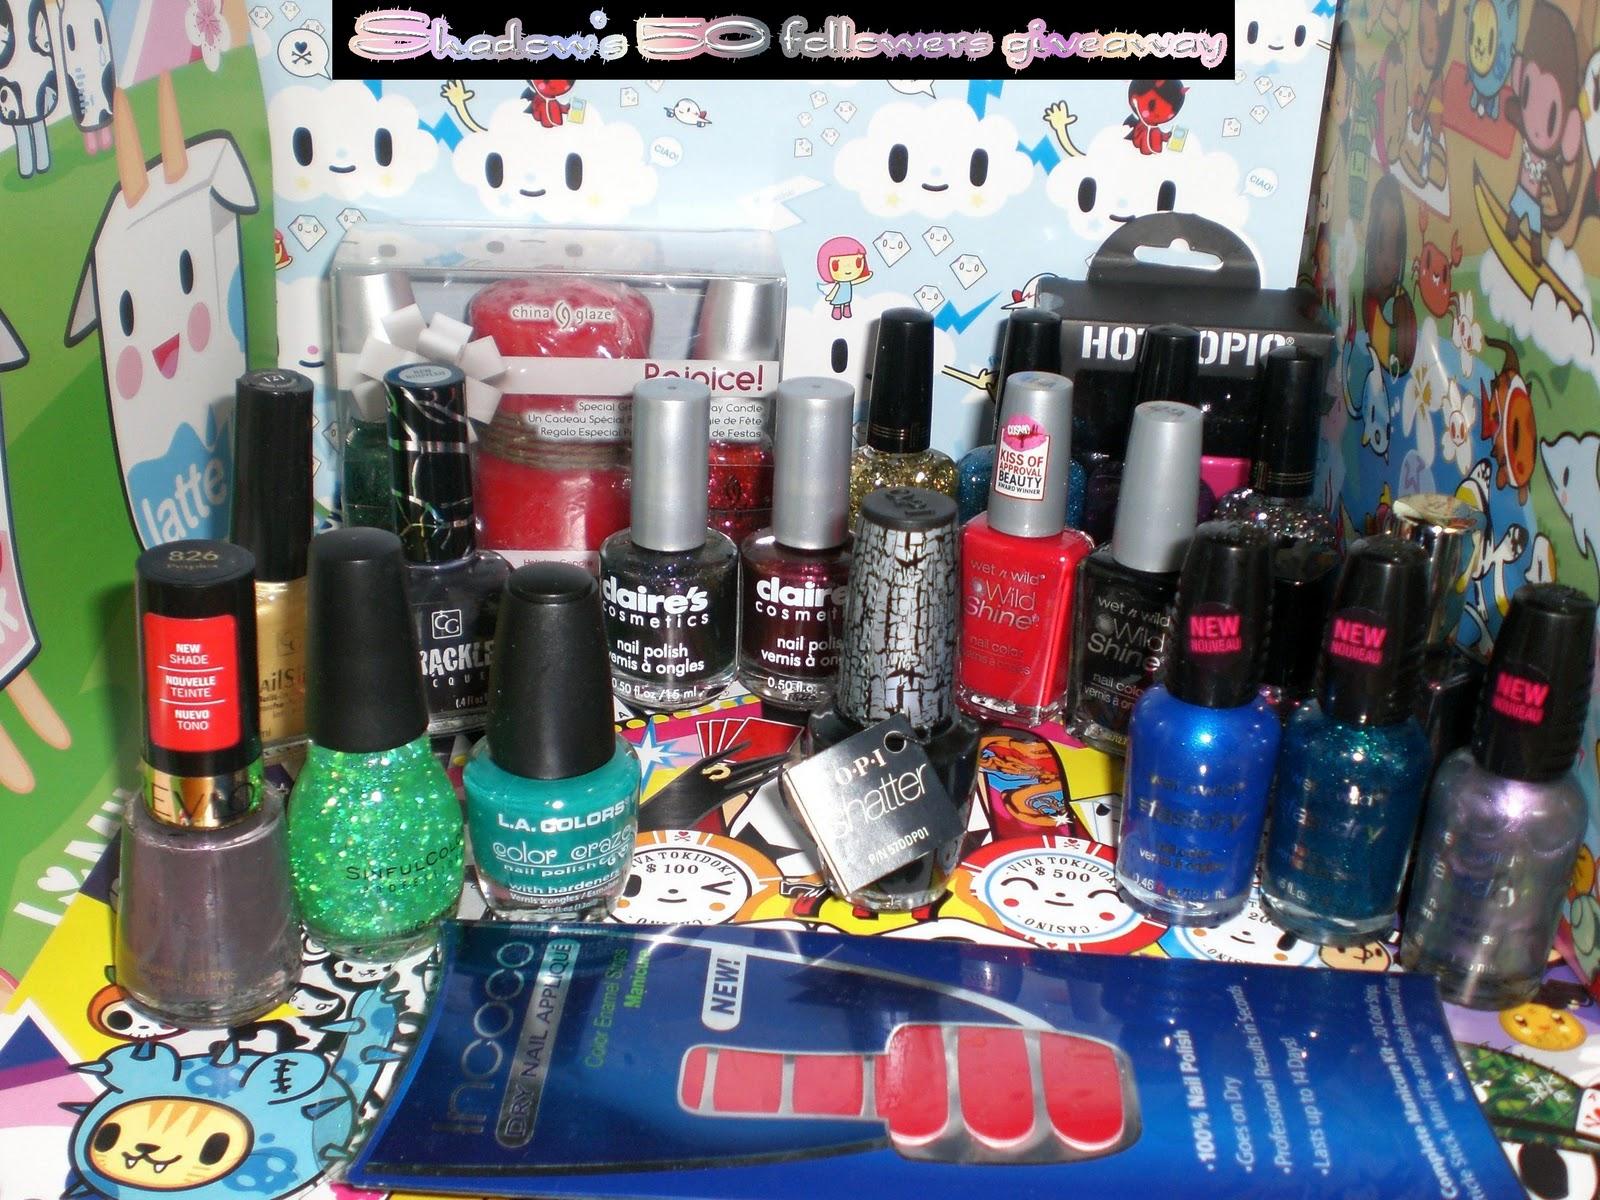 Lækker neglelak Giveaway / Lovely nail polish Giveaway